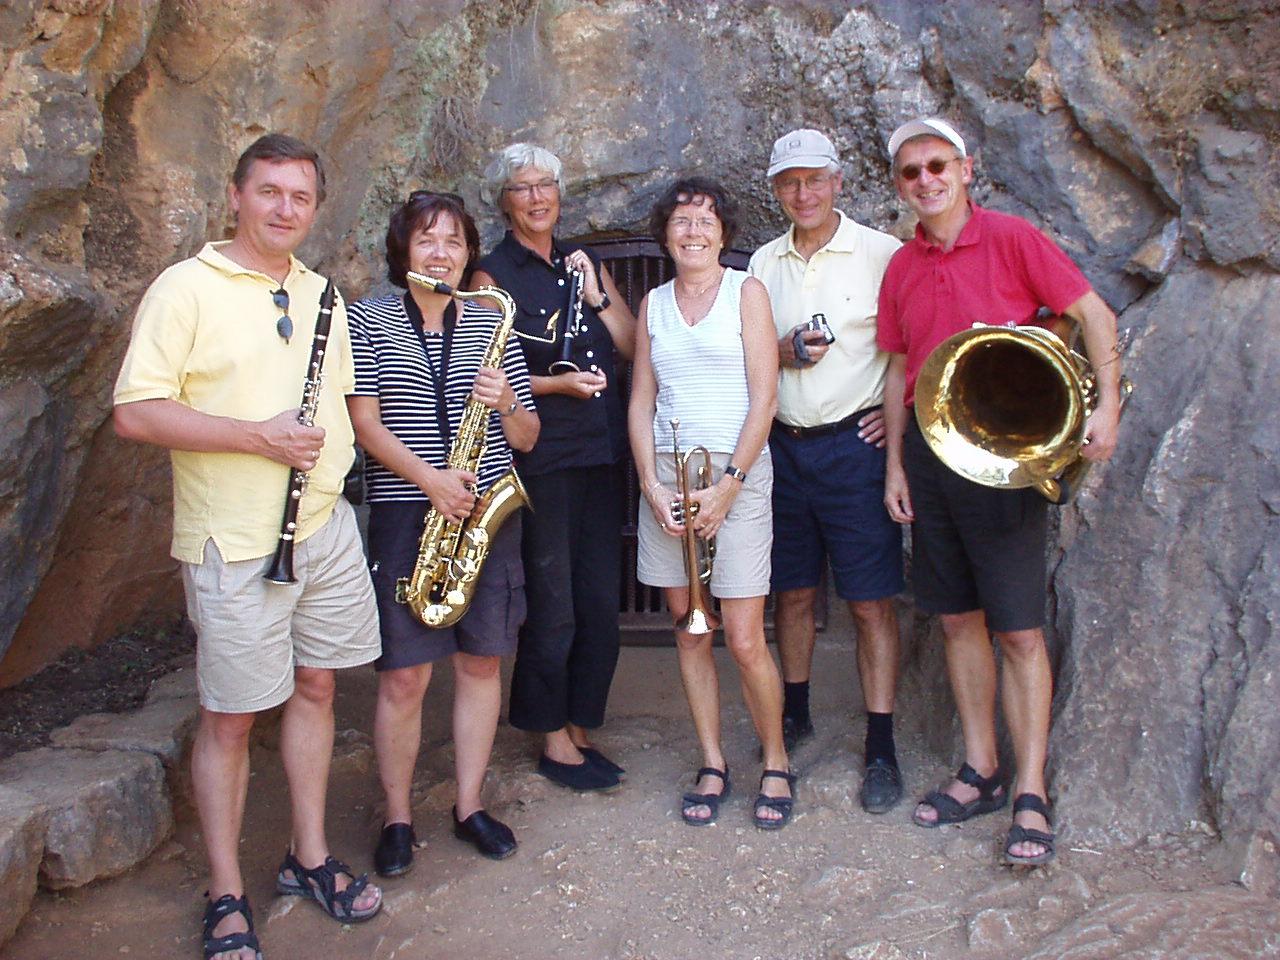 I Cueva de la Pileta i Spania i september 2004.